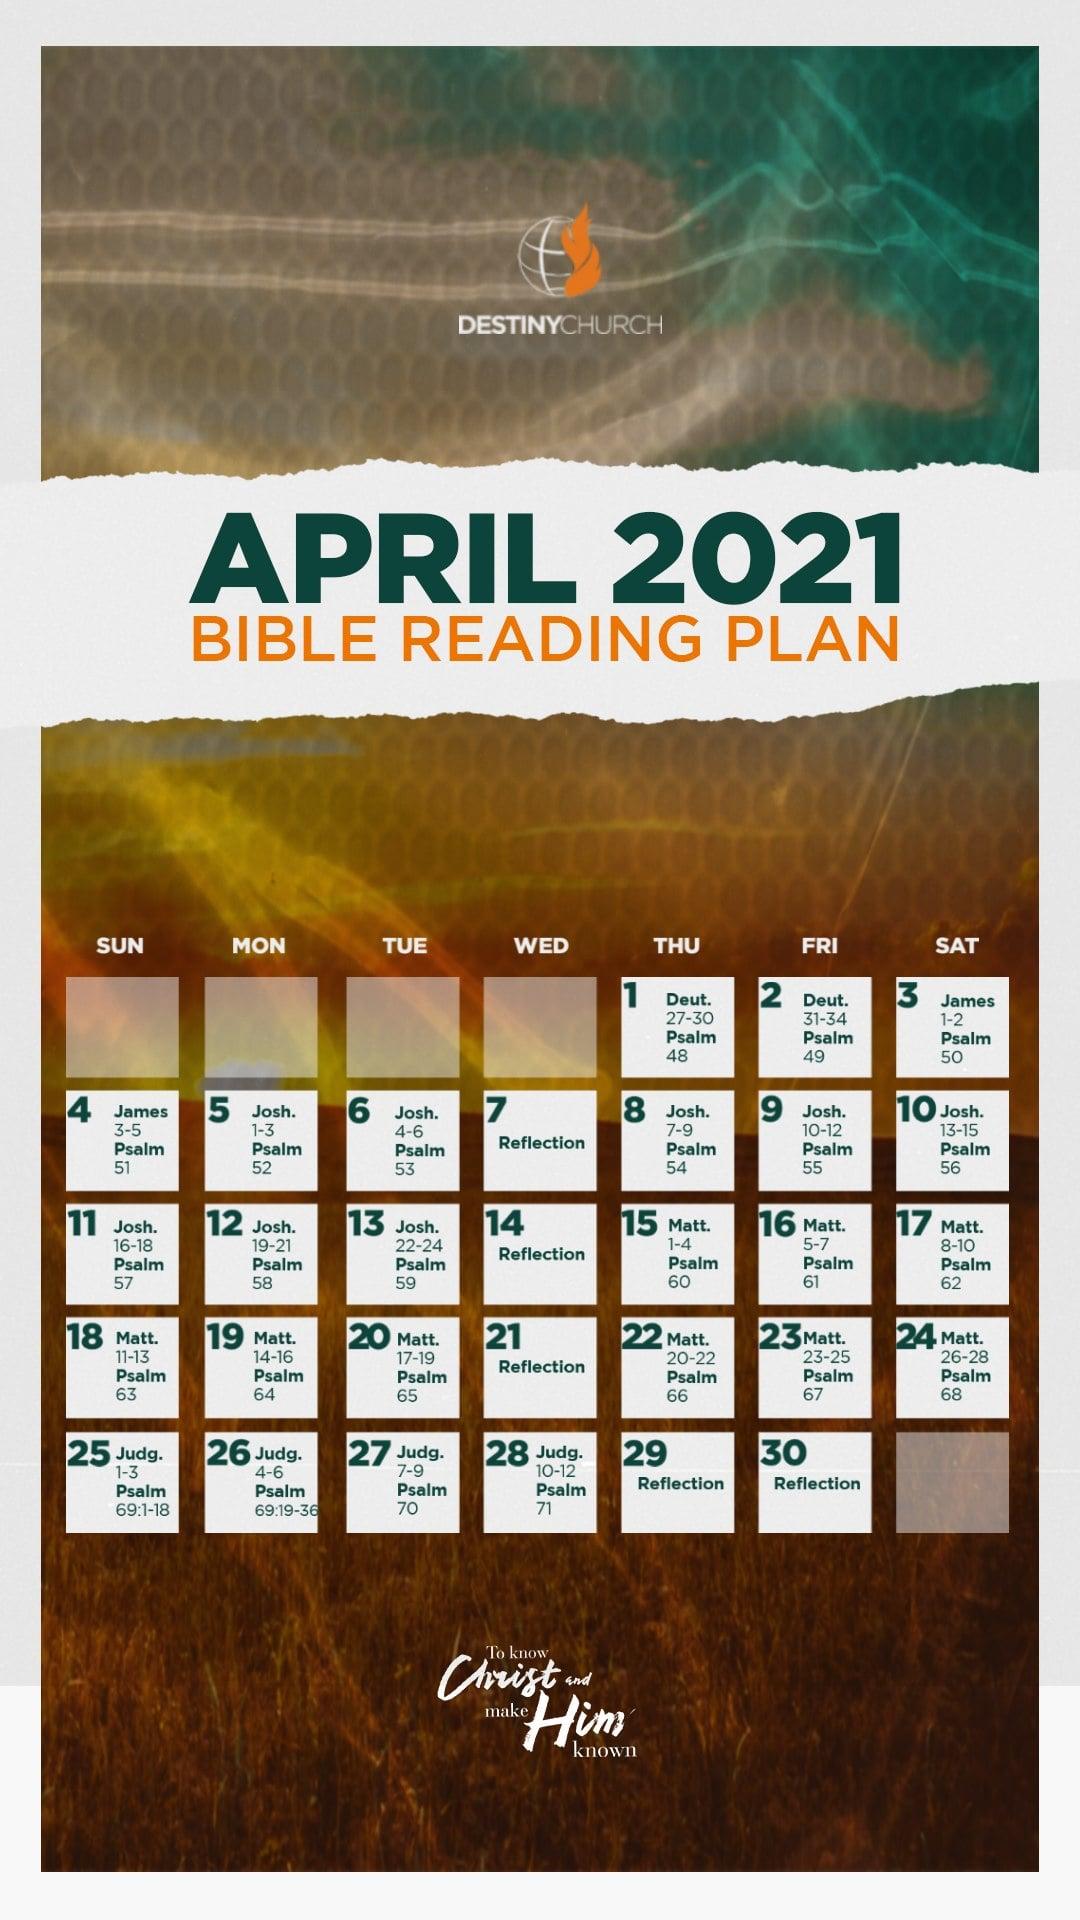 April 2021 – Bible Reading Plan